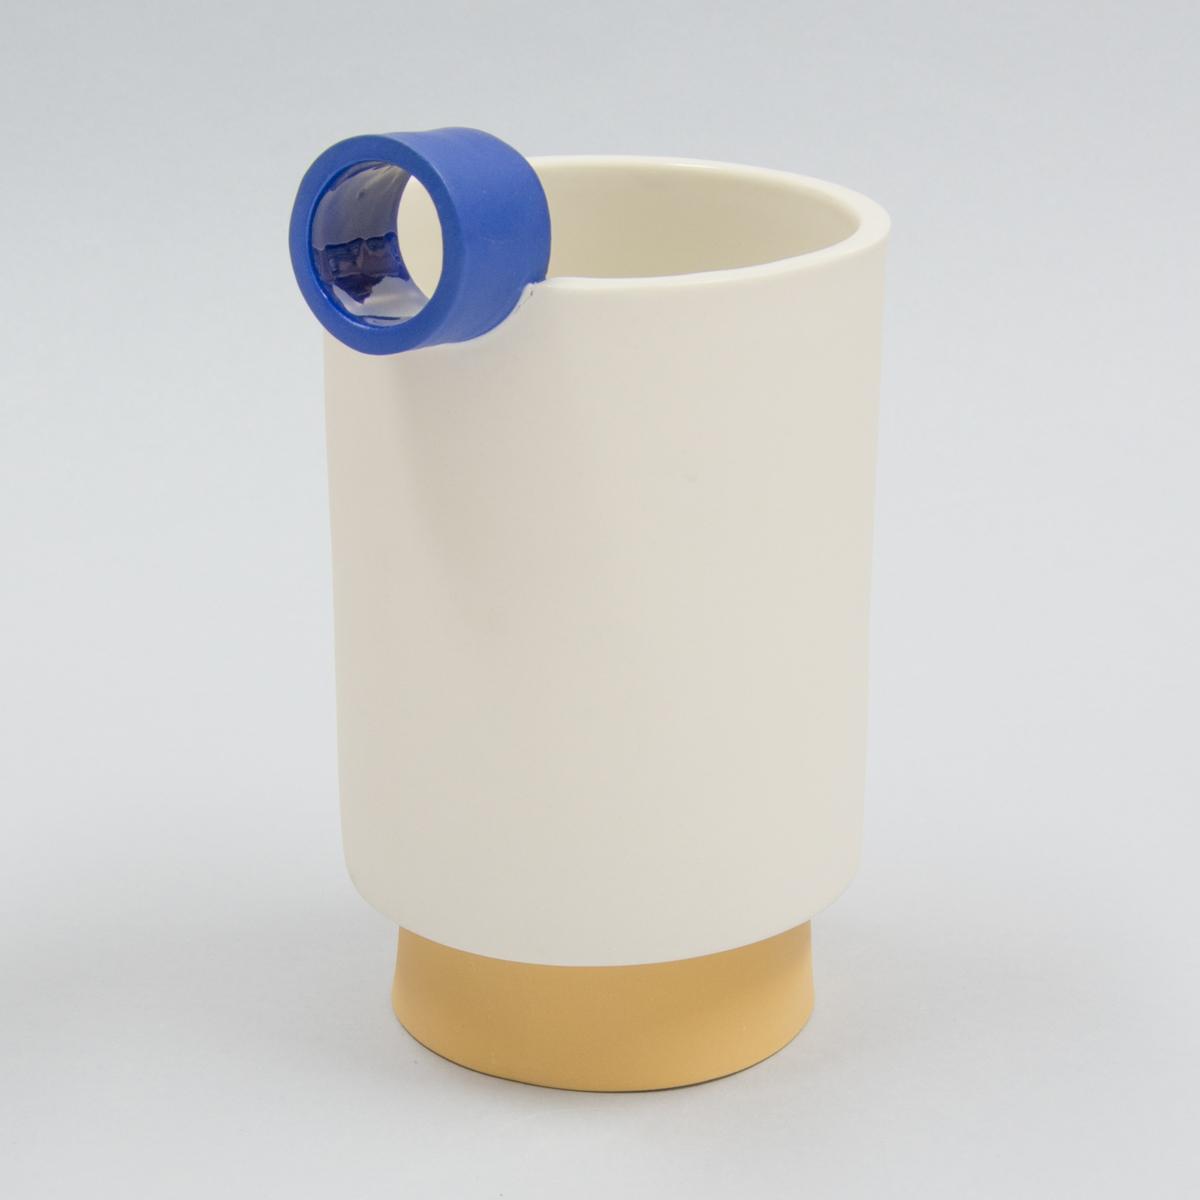 Carafe à pied porcelaine bec bleu et pied jaune